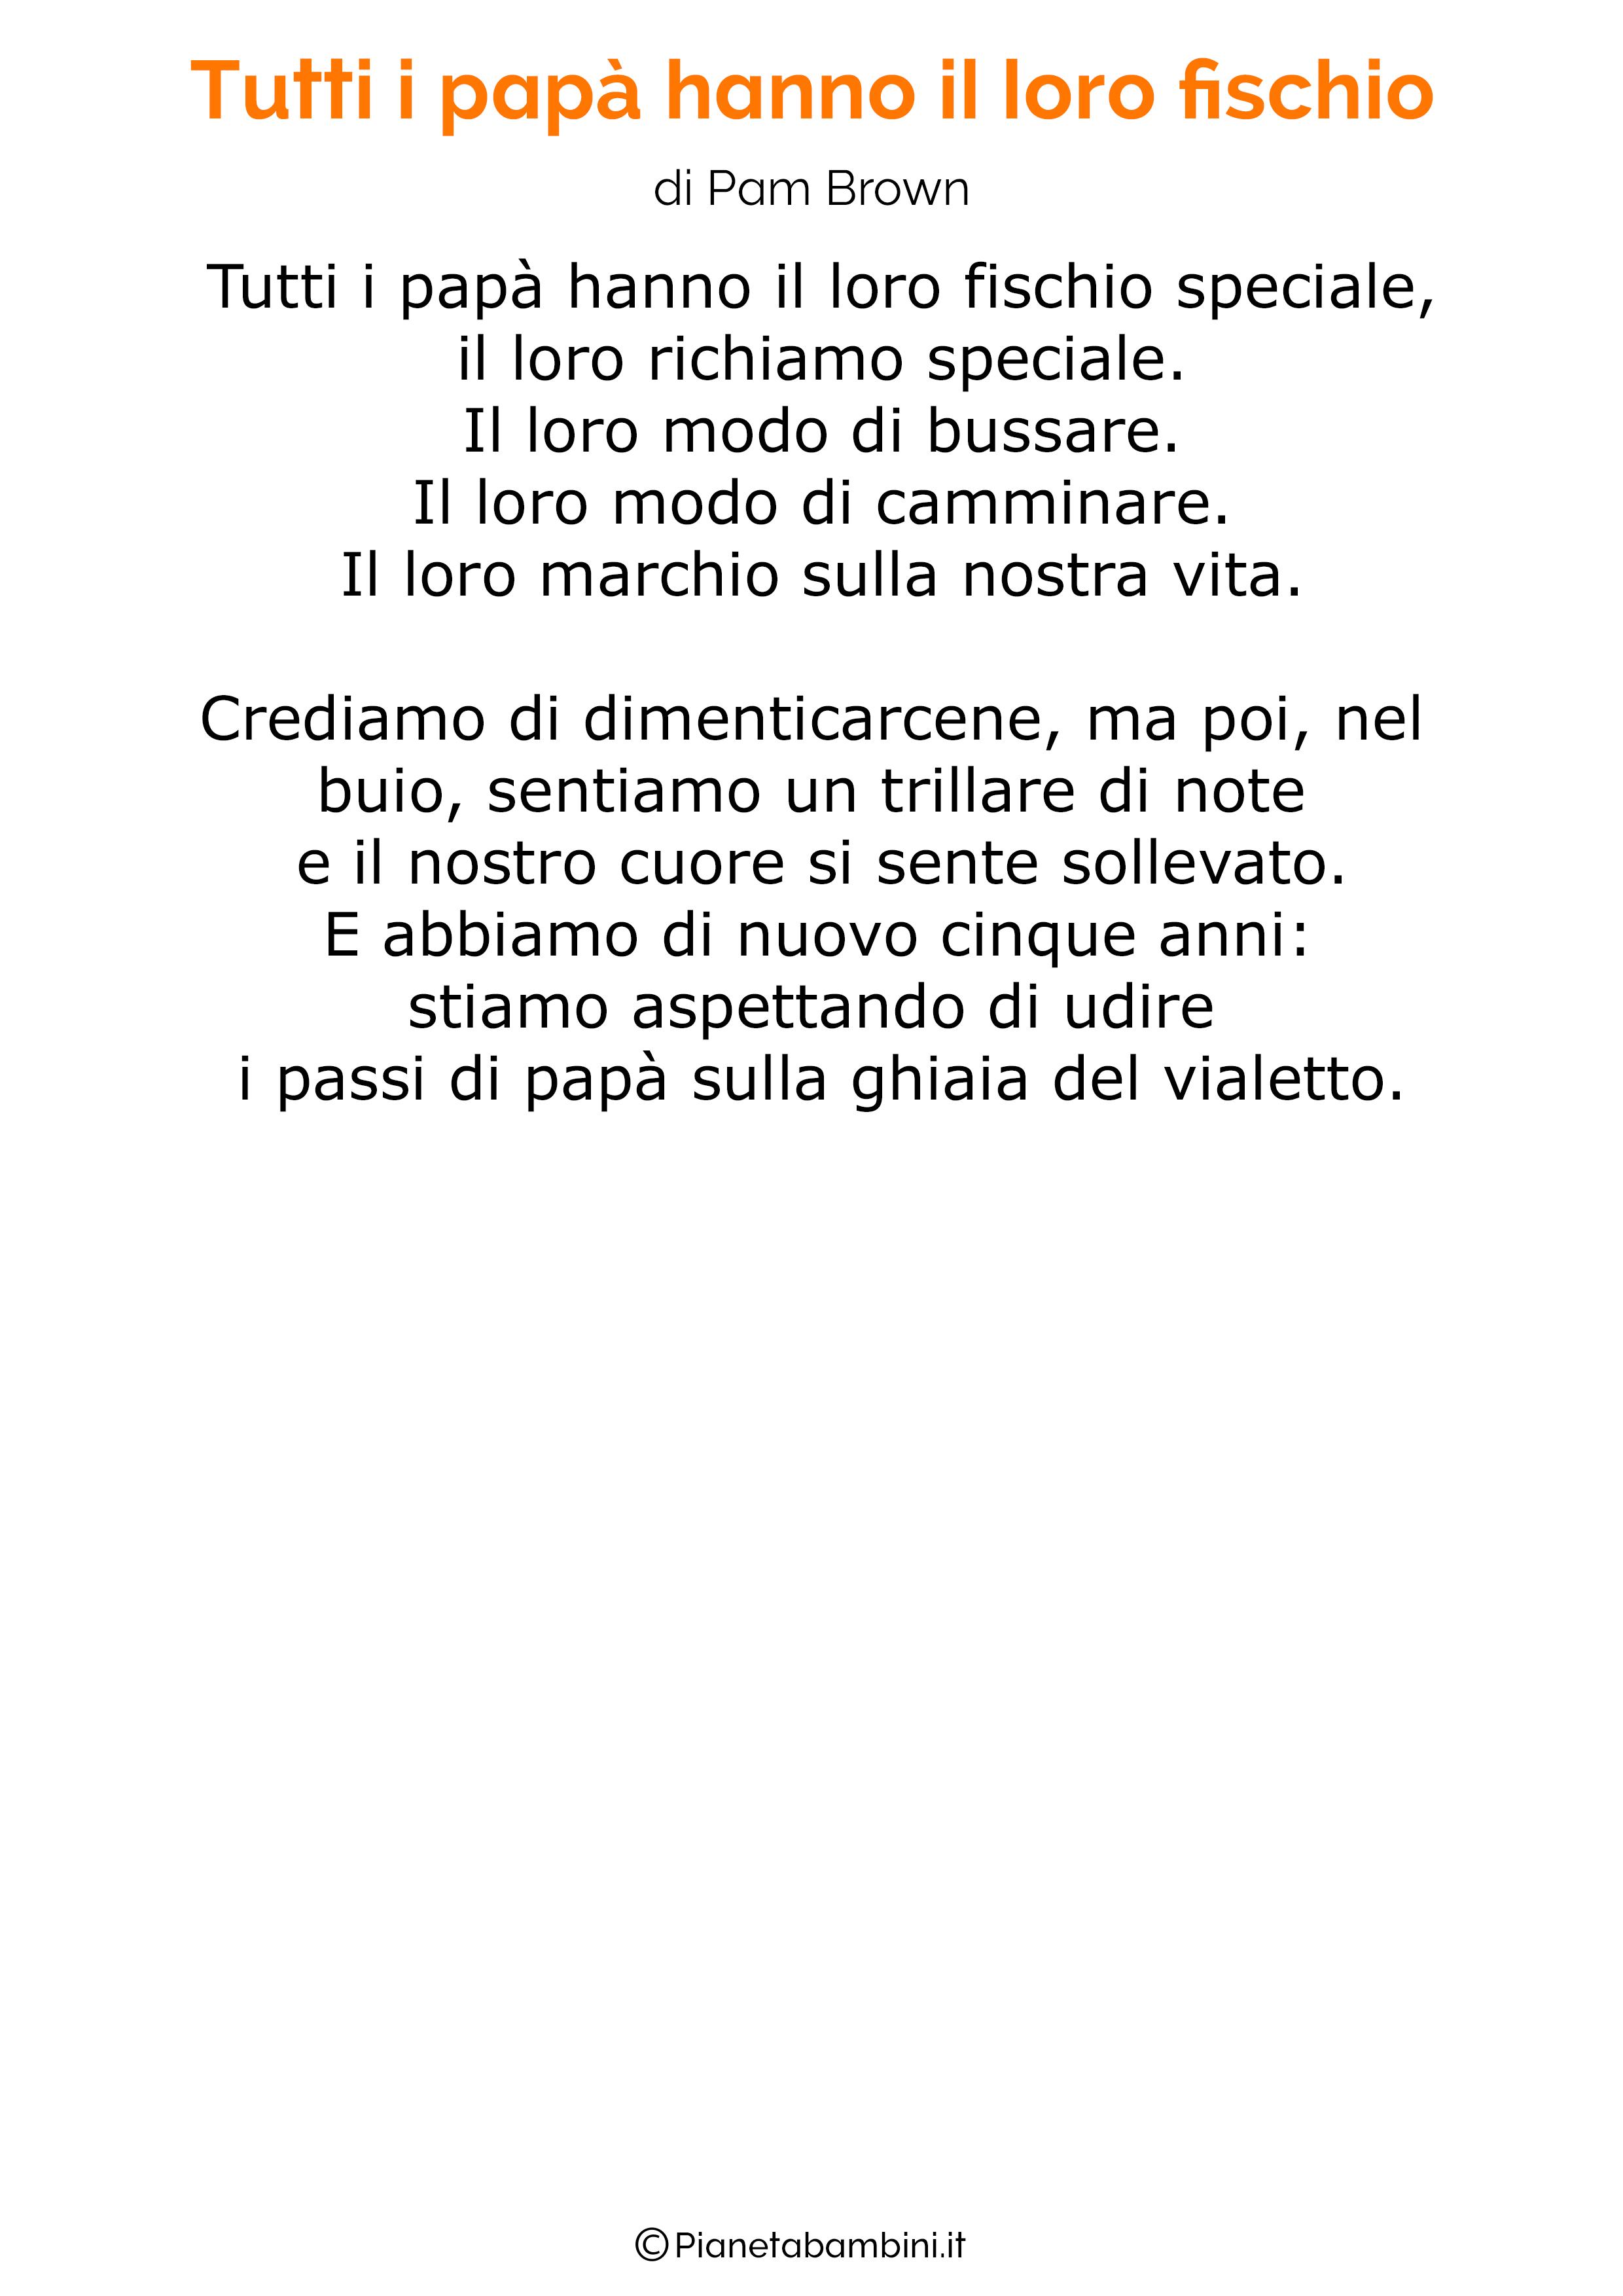 Poesia per la festa del papa per bambini 26